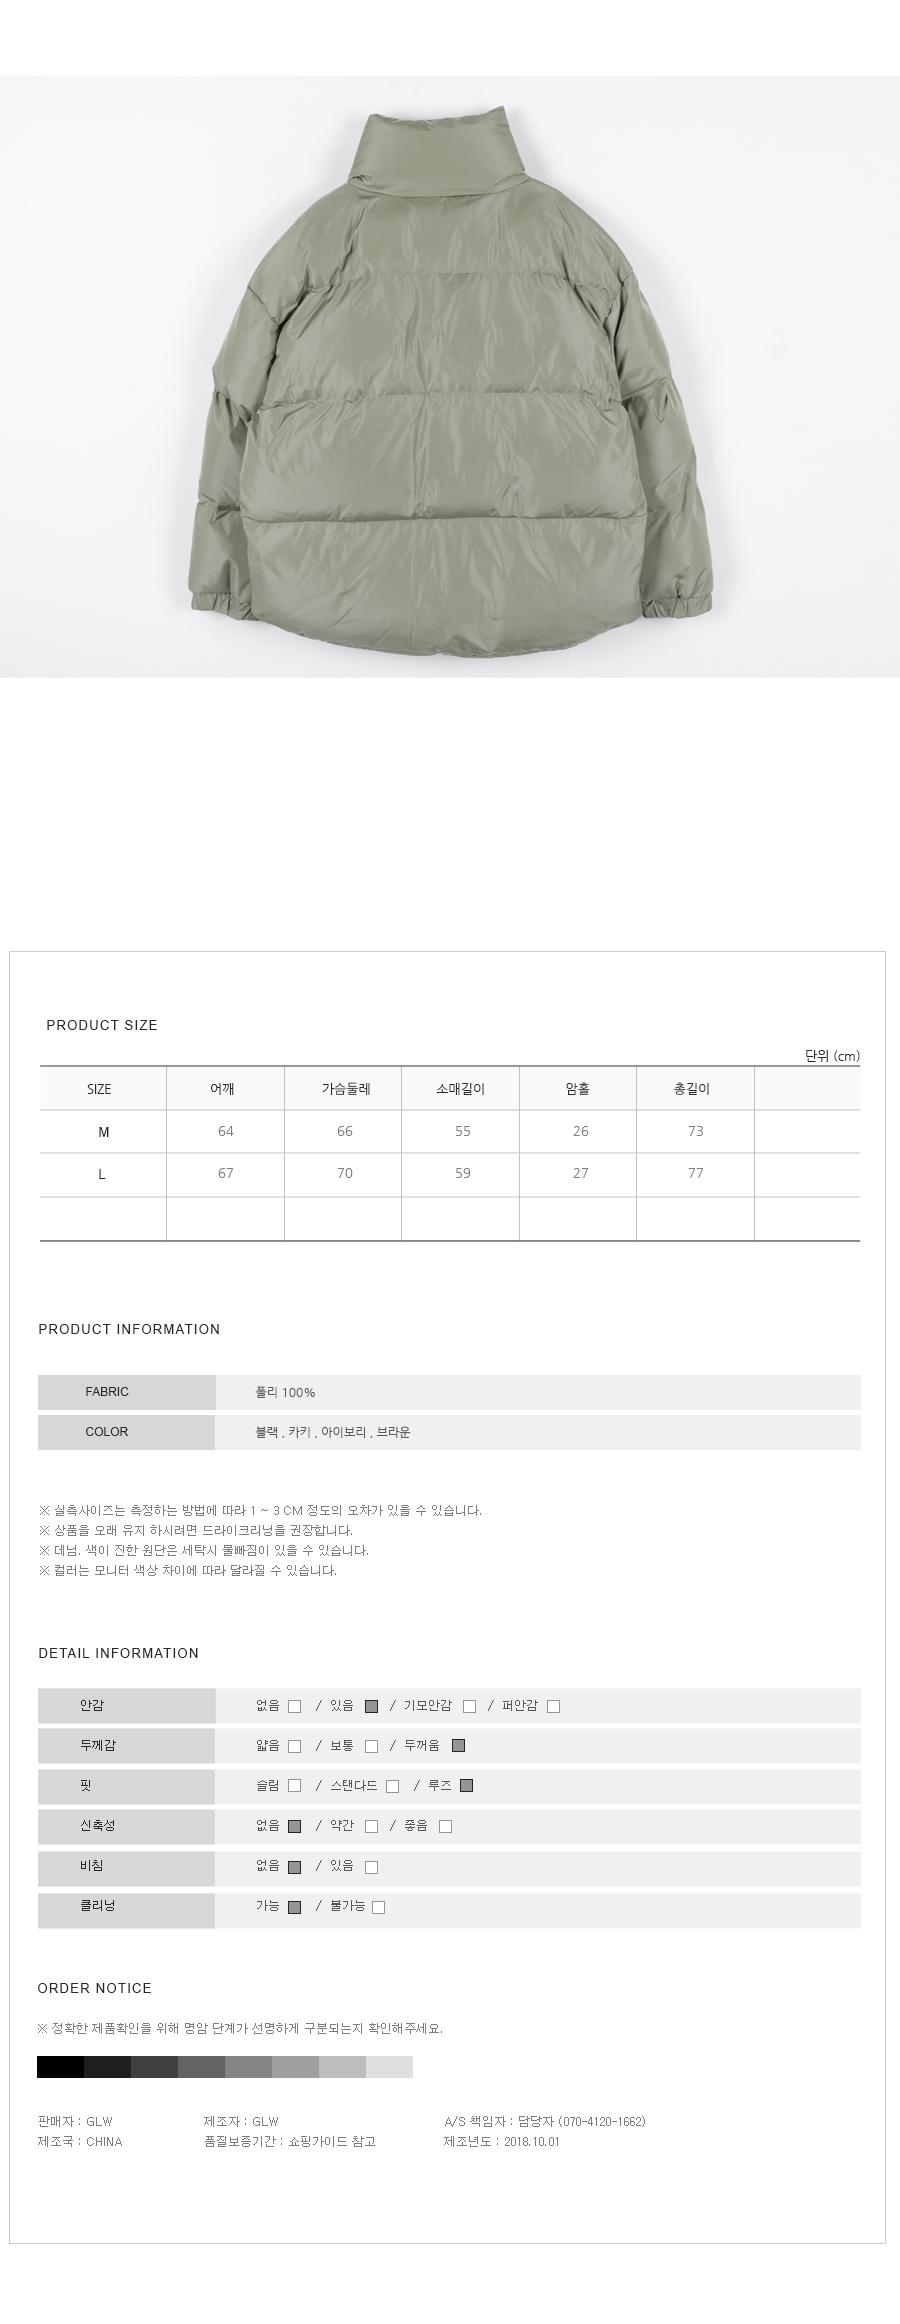 18WTG_18059_info_03.jpg